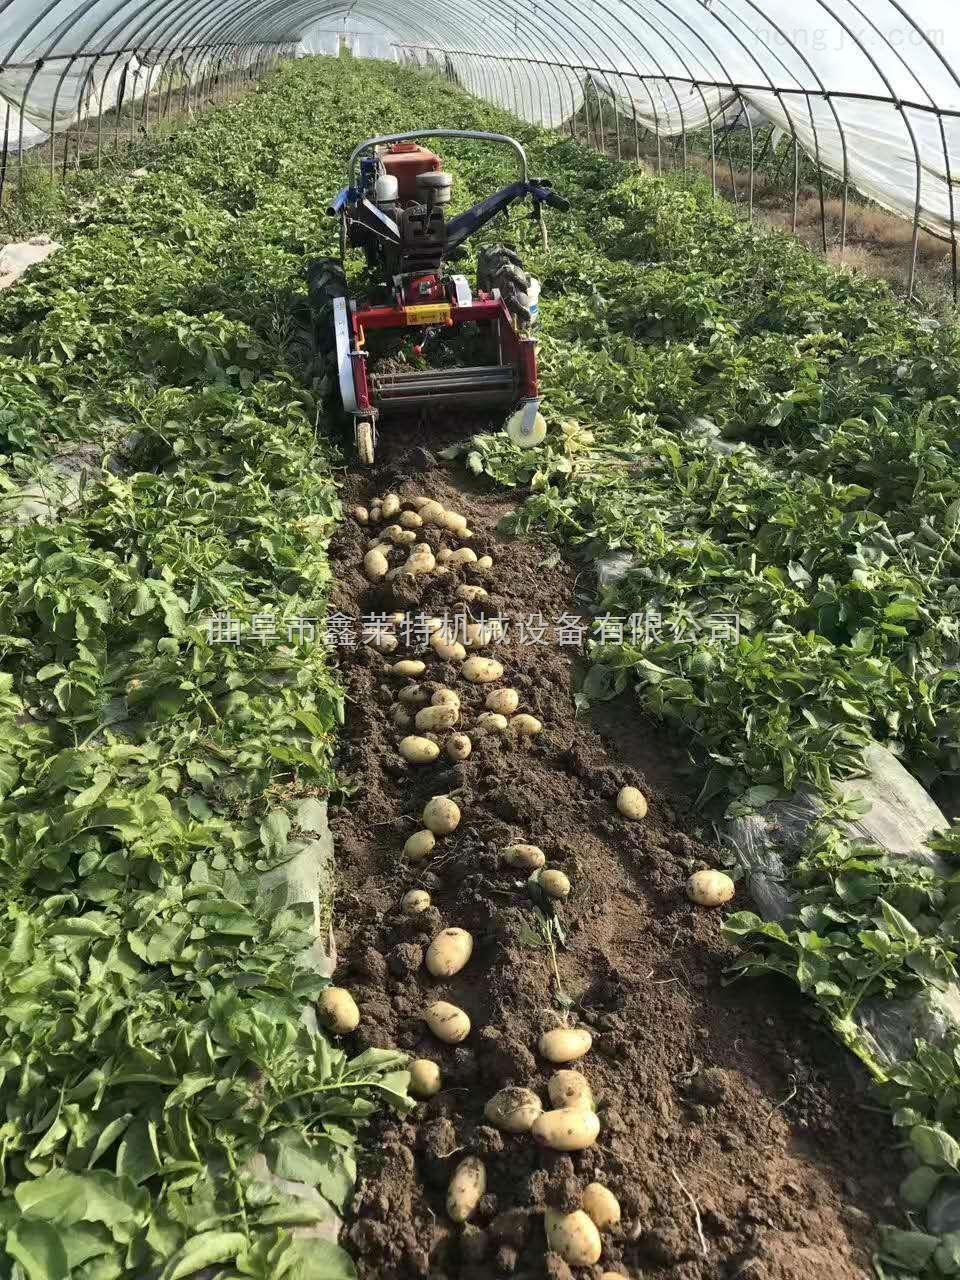 手扶薯类杀秧机 棉花秸秆还田机 秸秆回收机 玉米秸秆切碎机 干净无残留